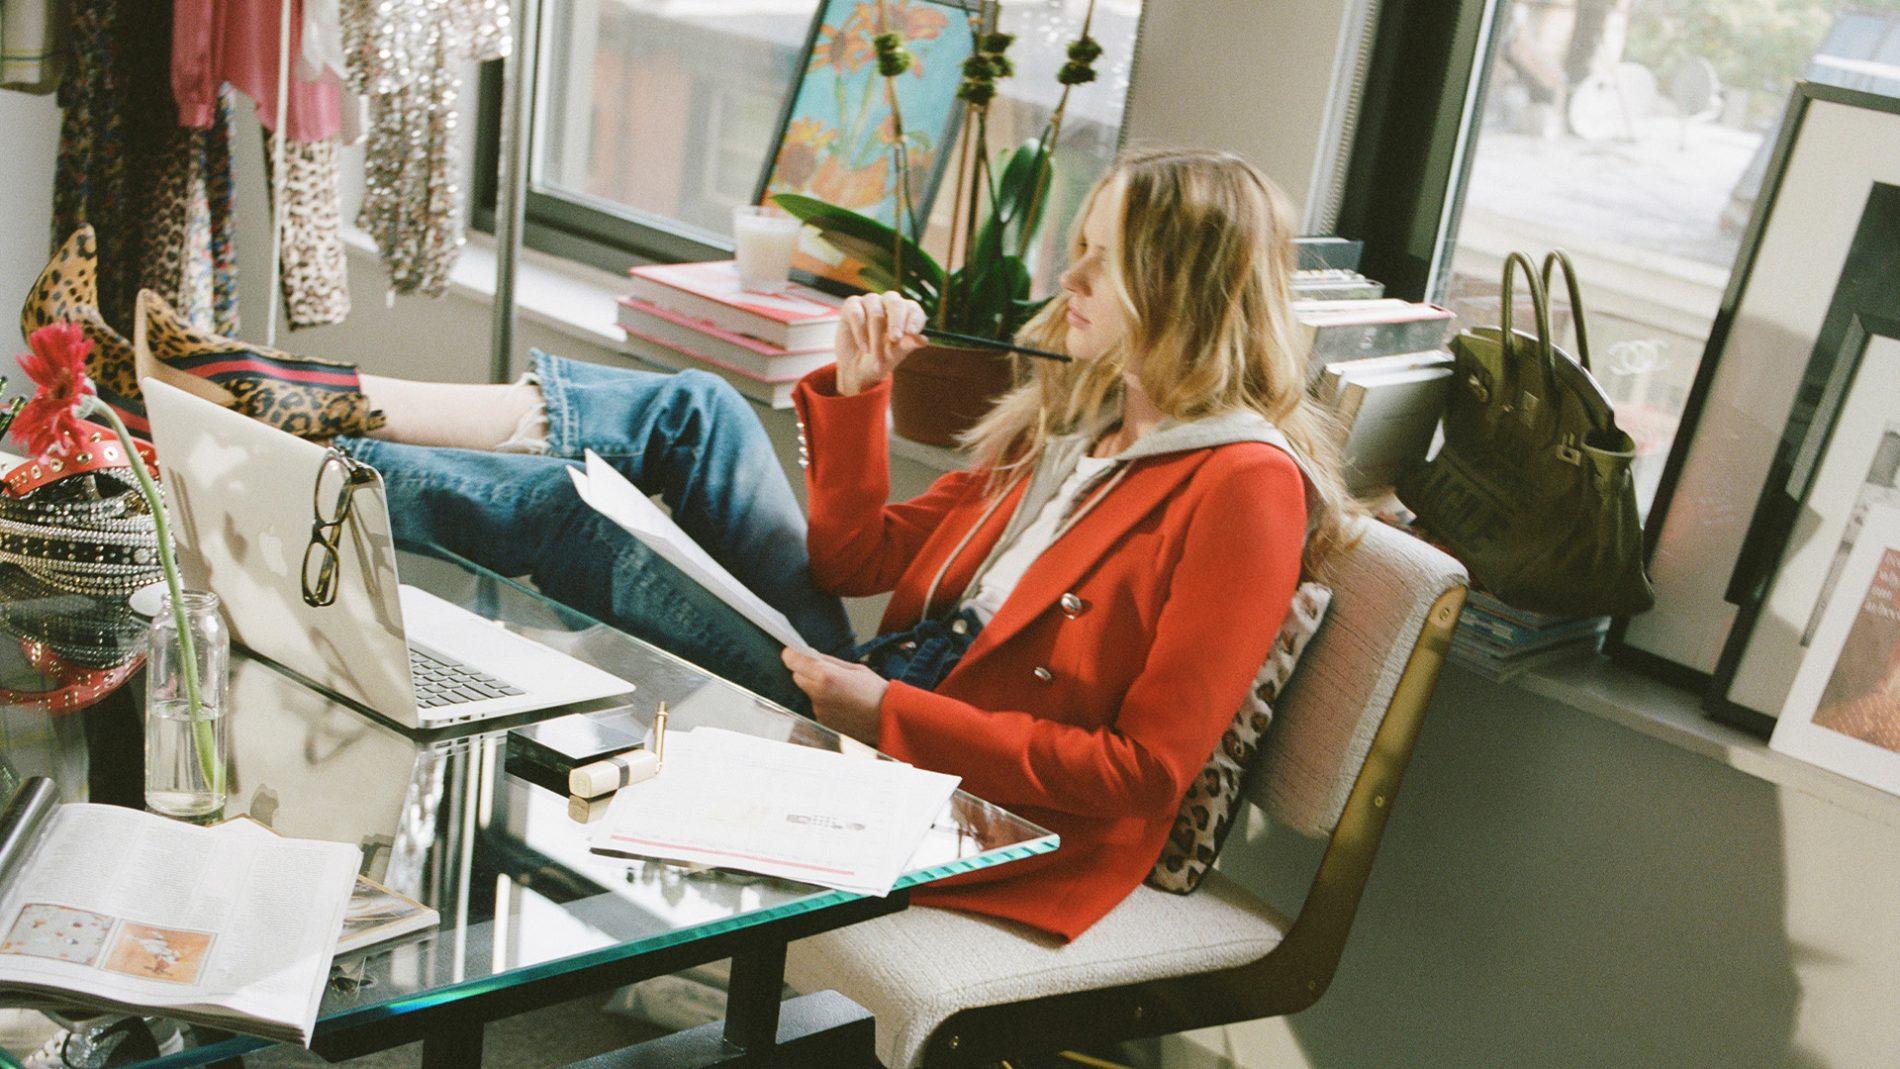 El Corte Inglés Diseñador Ready-to-Wear Veronica Beard Chaqueta Roja